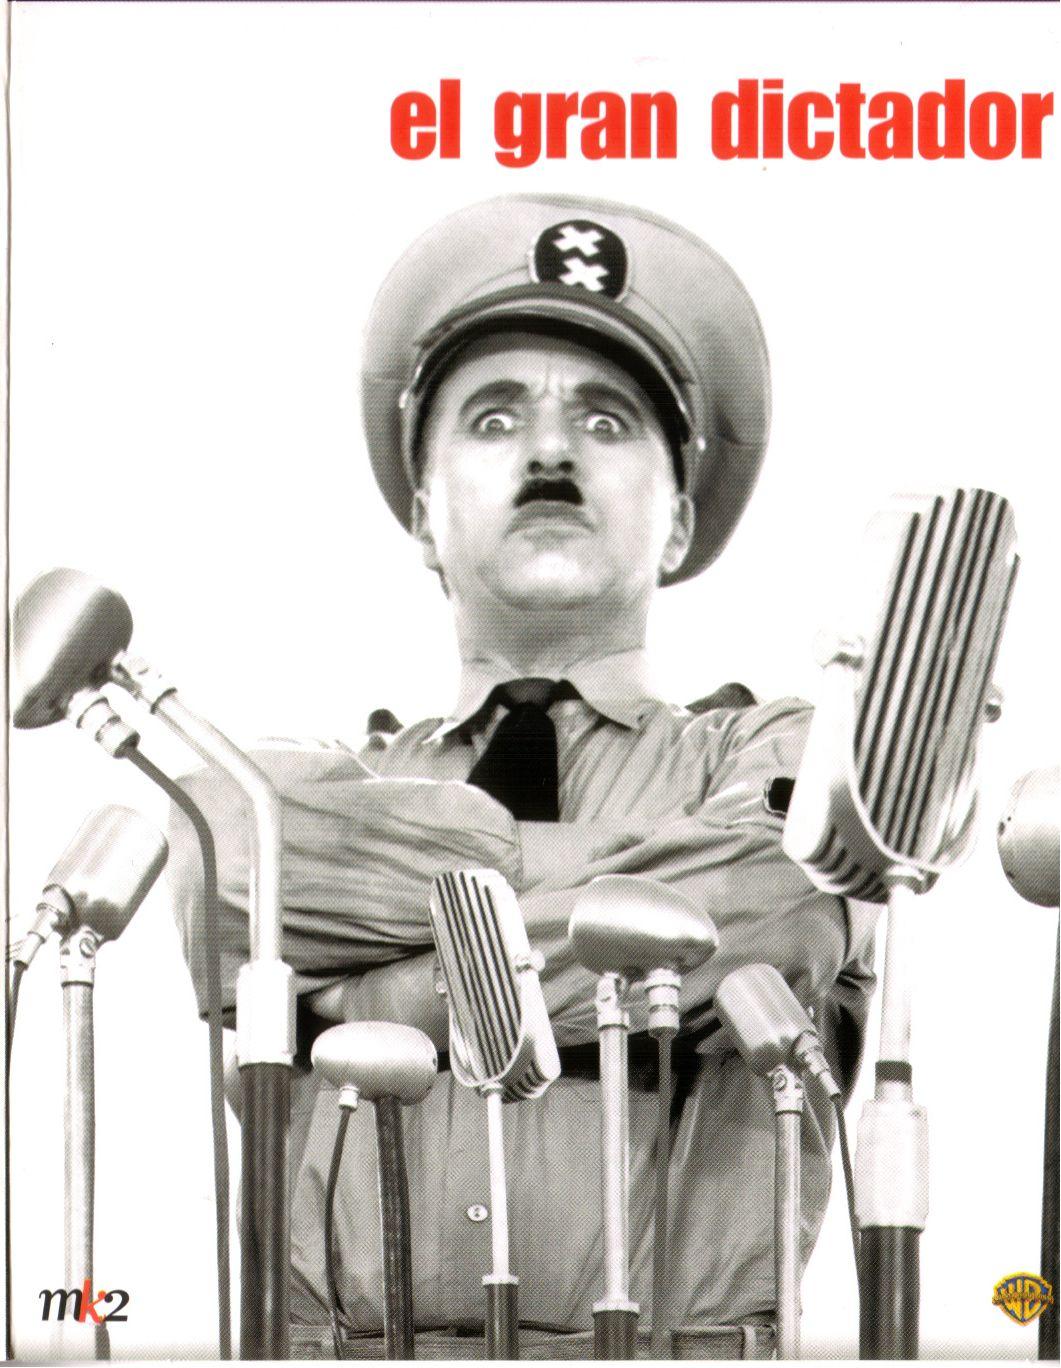 Nuevo CREPAS - Página 13 El+gran+dictador